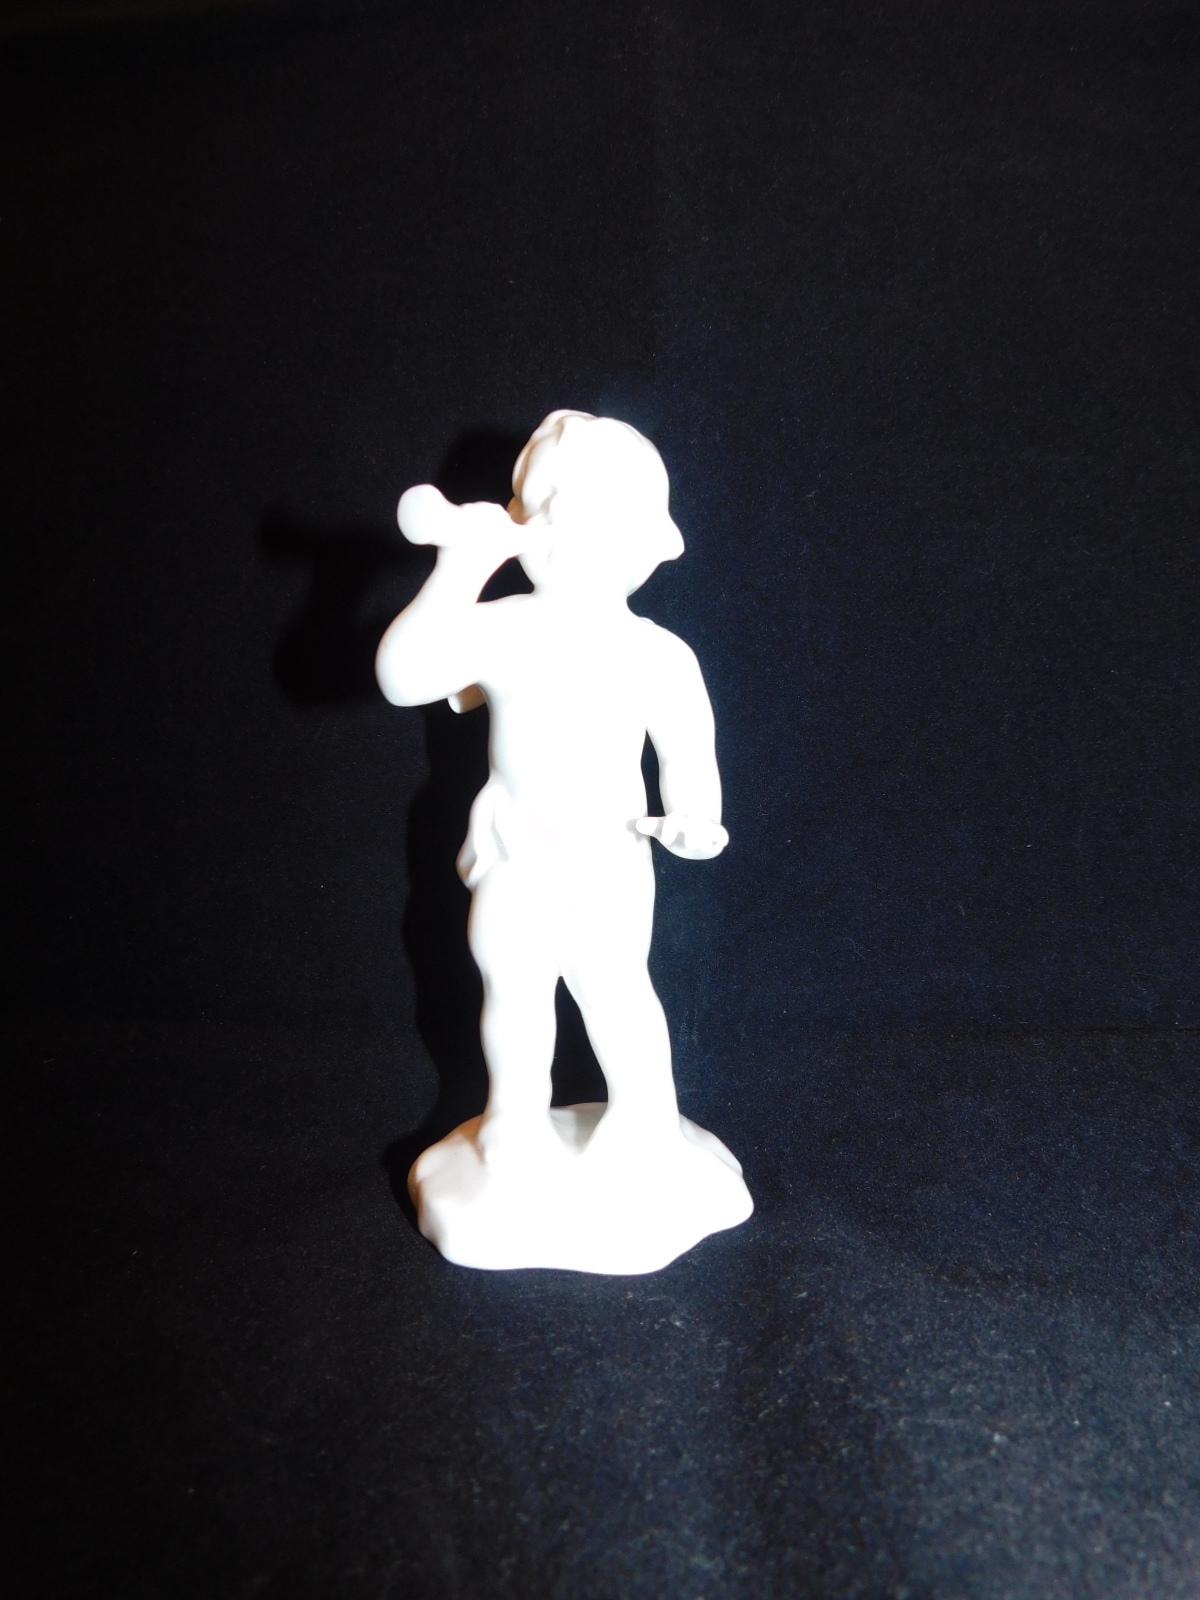 笛を弾くエンジェル Angel playing a whistle